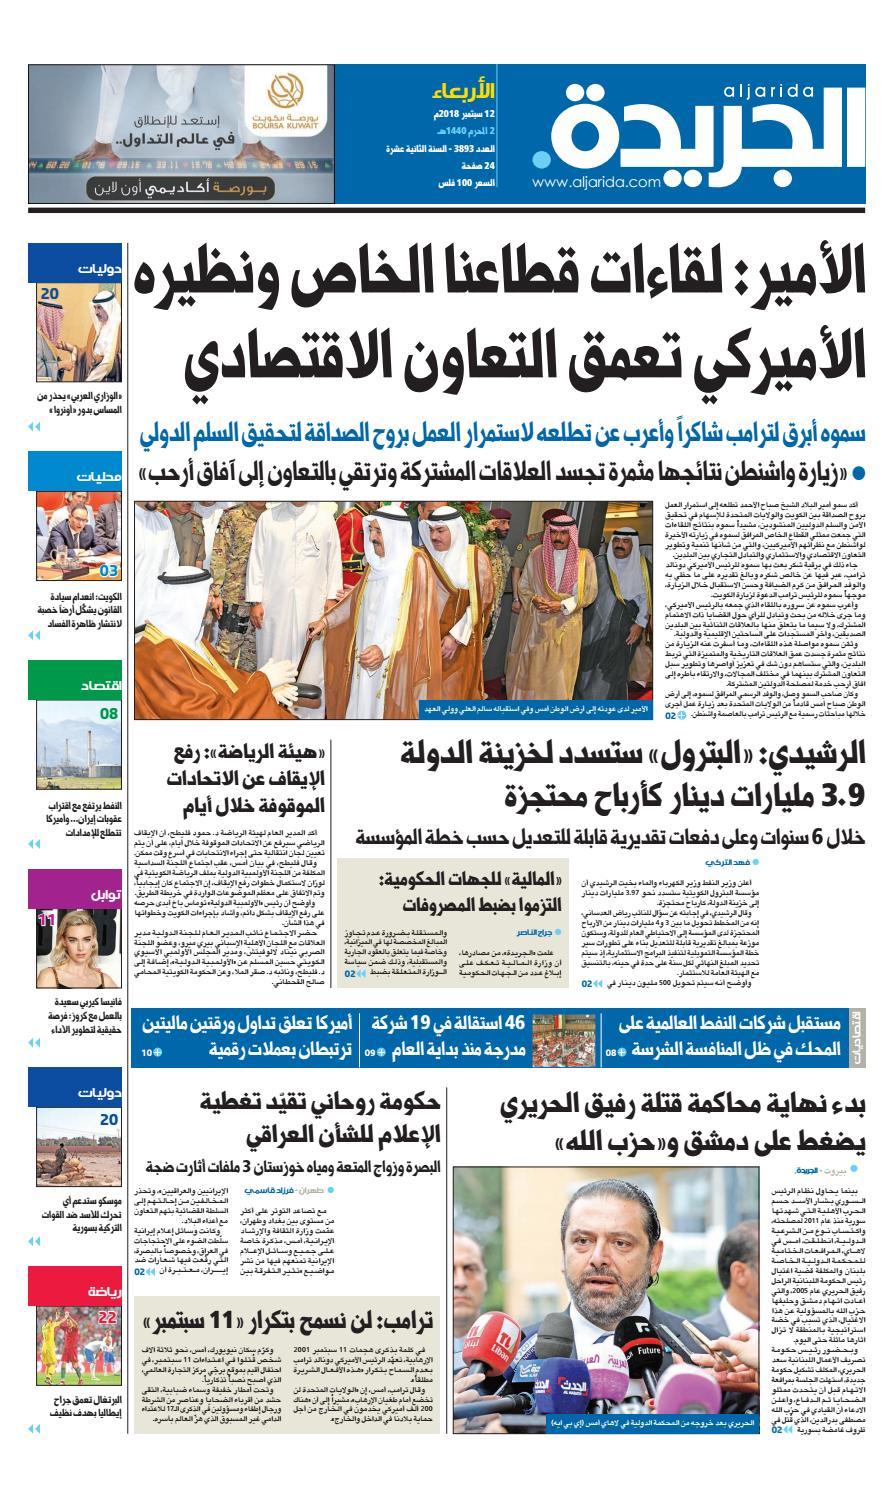 fe53ca534 عدد الجريدة الاربعاء 12 سبتمبر 2018 by Aljarida Newspaper - issuu